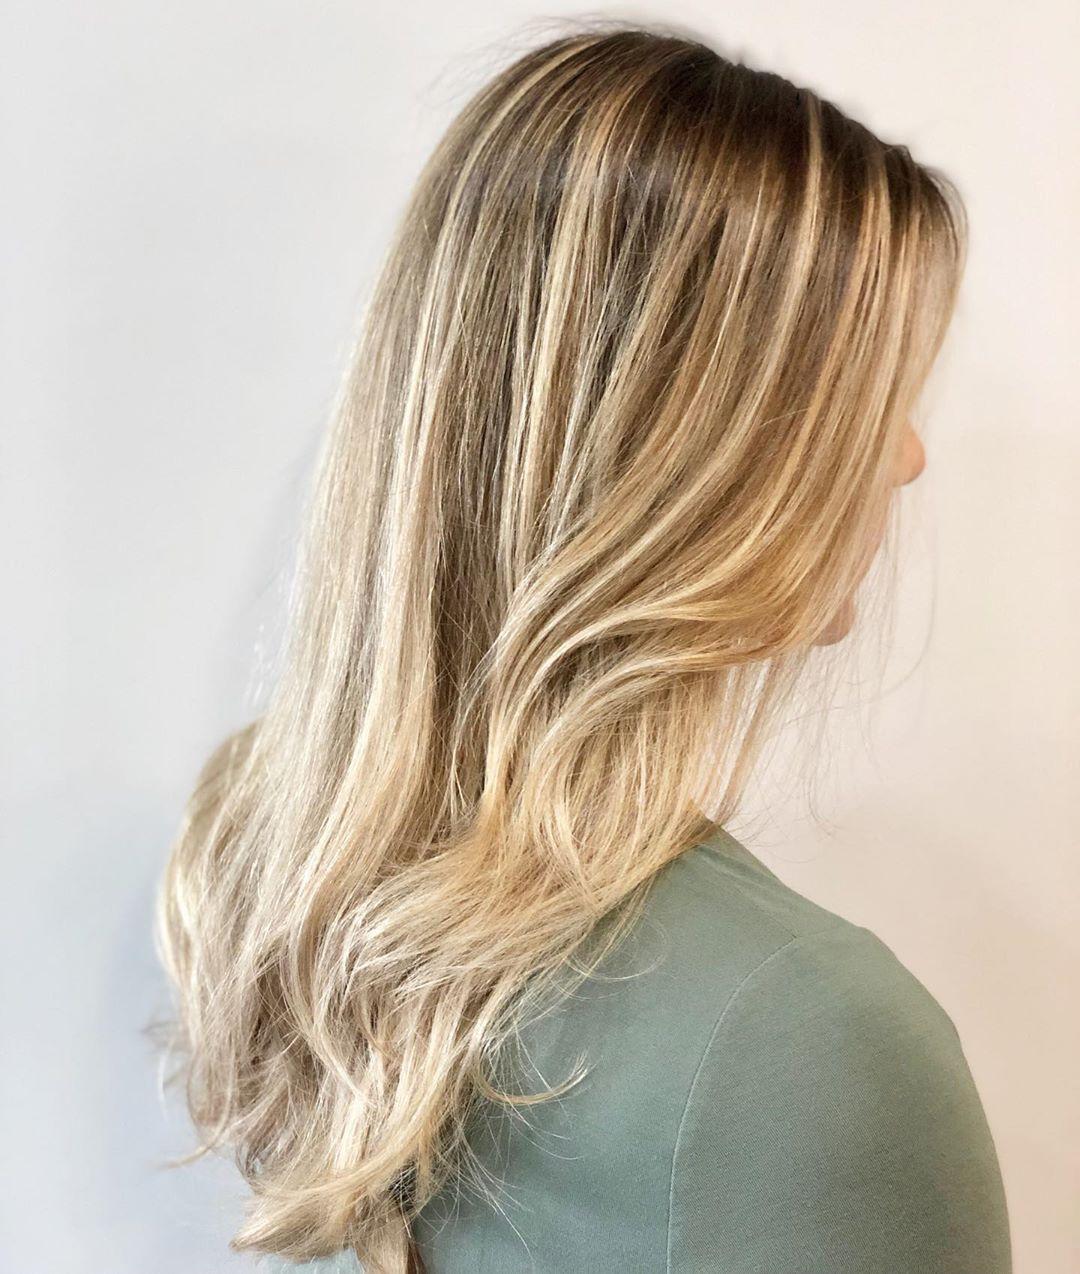 mèches blond cendré clair sur cheveux bruns